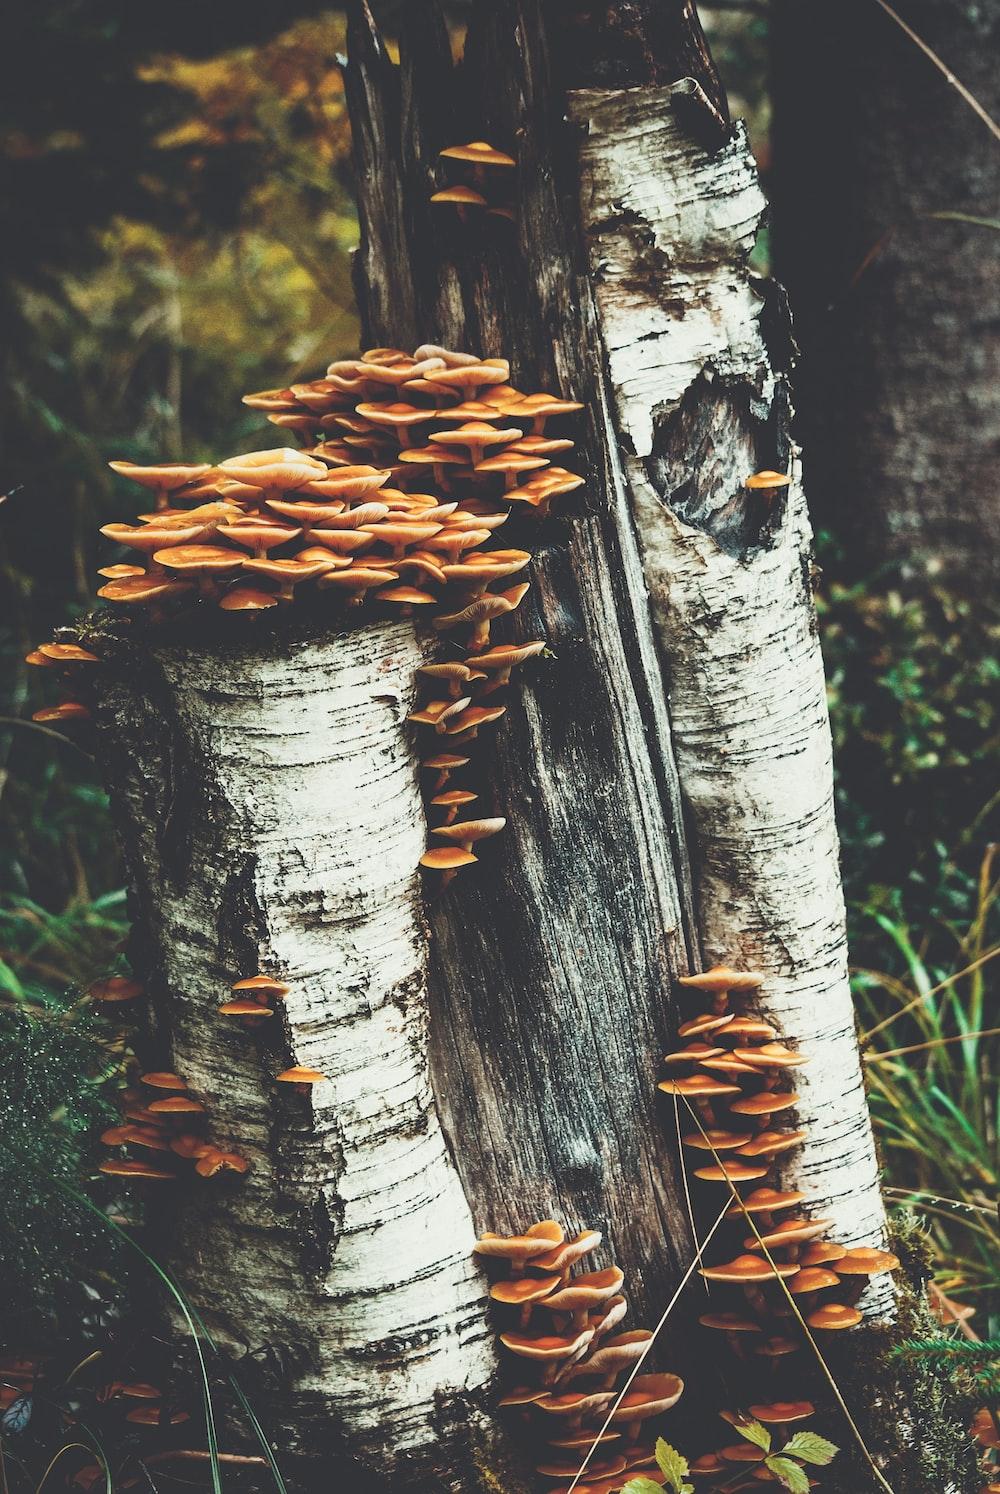 mushrooms on tree bark